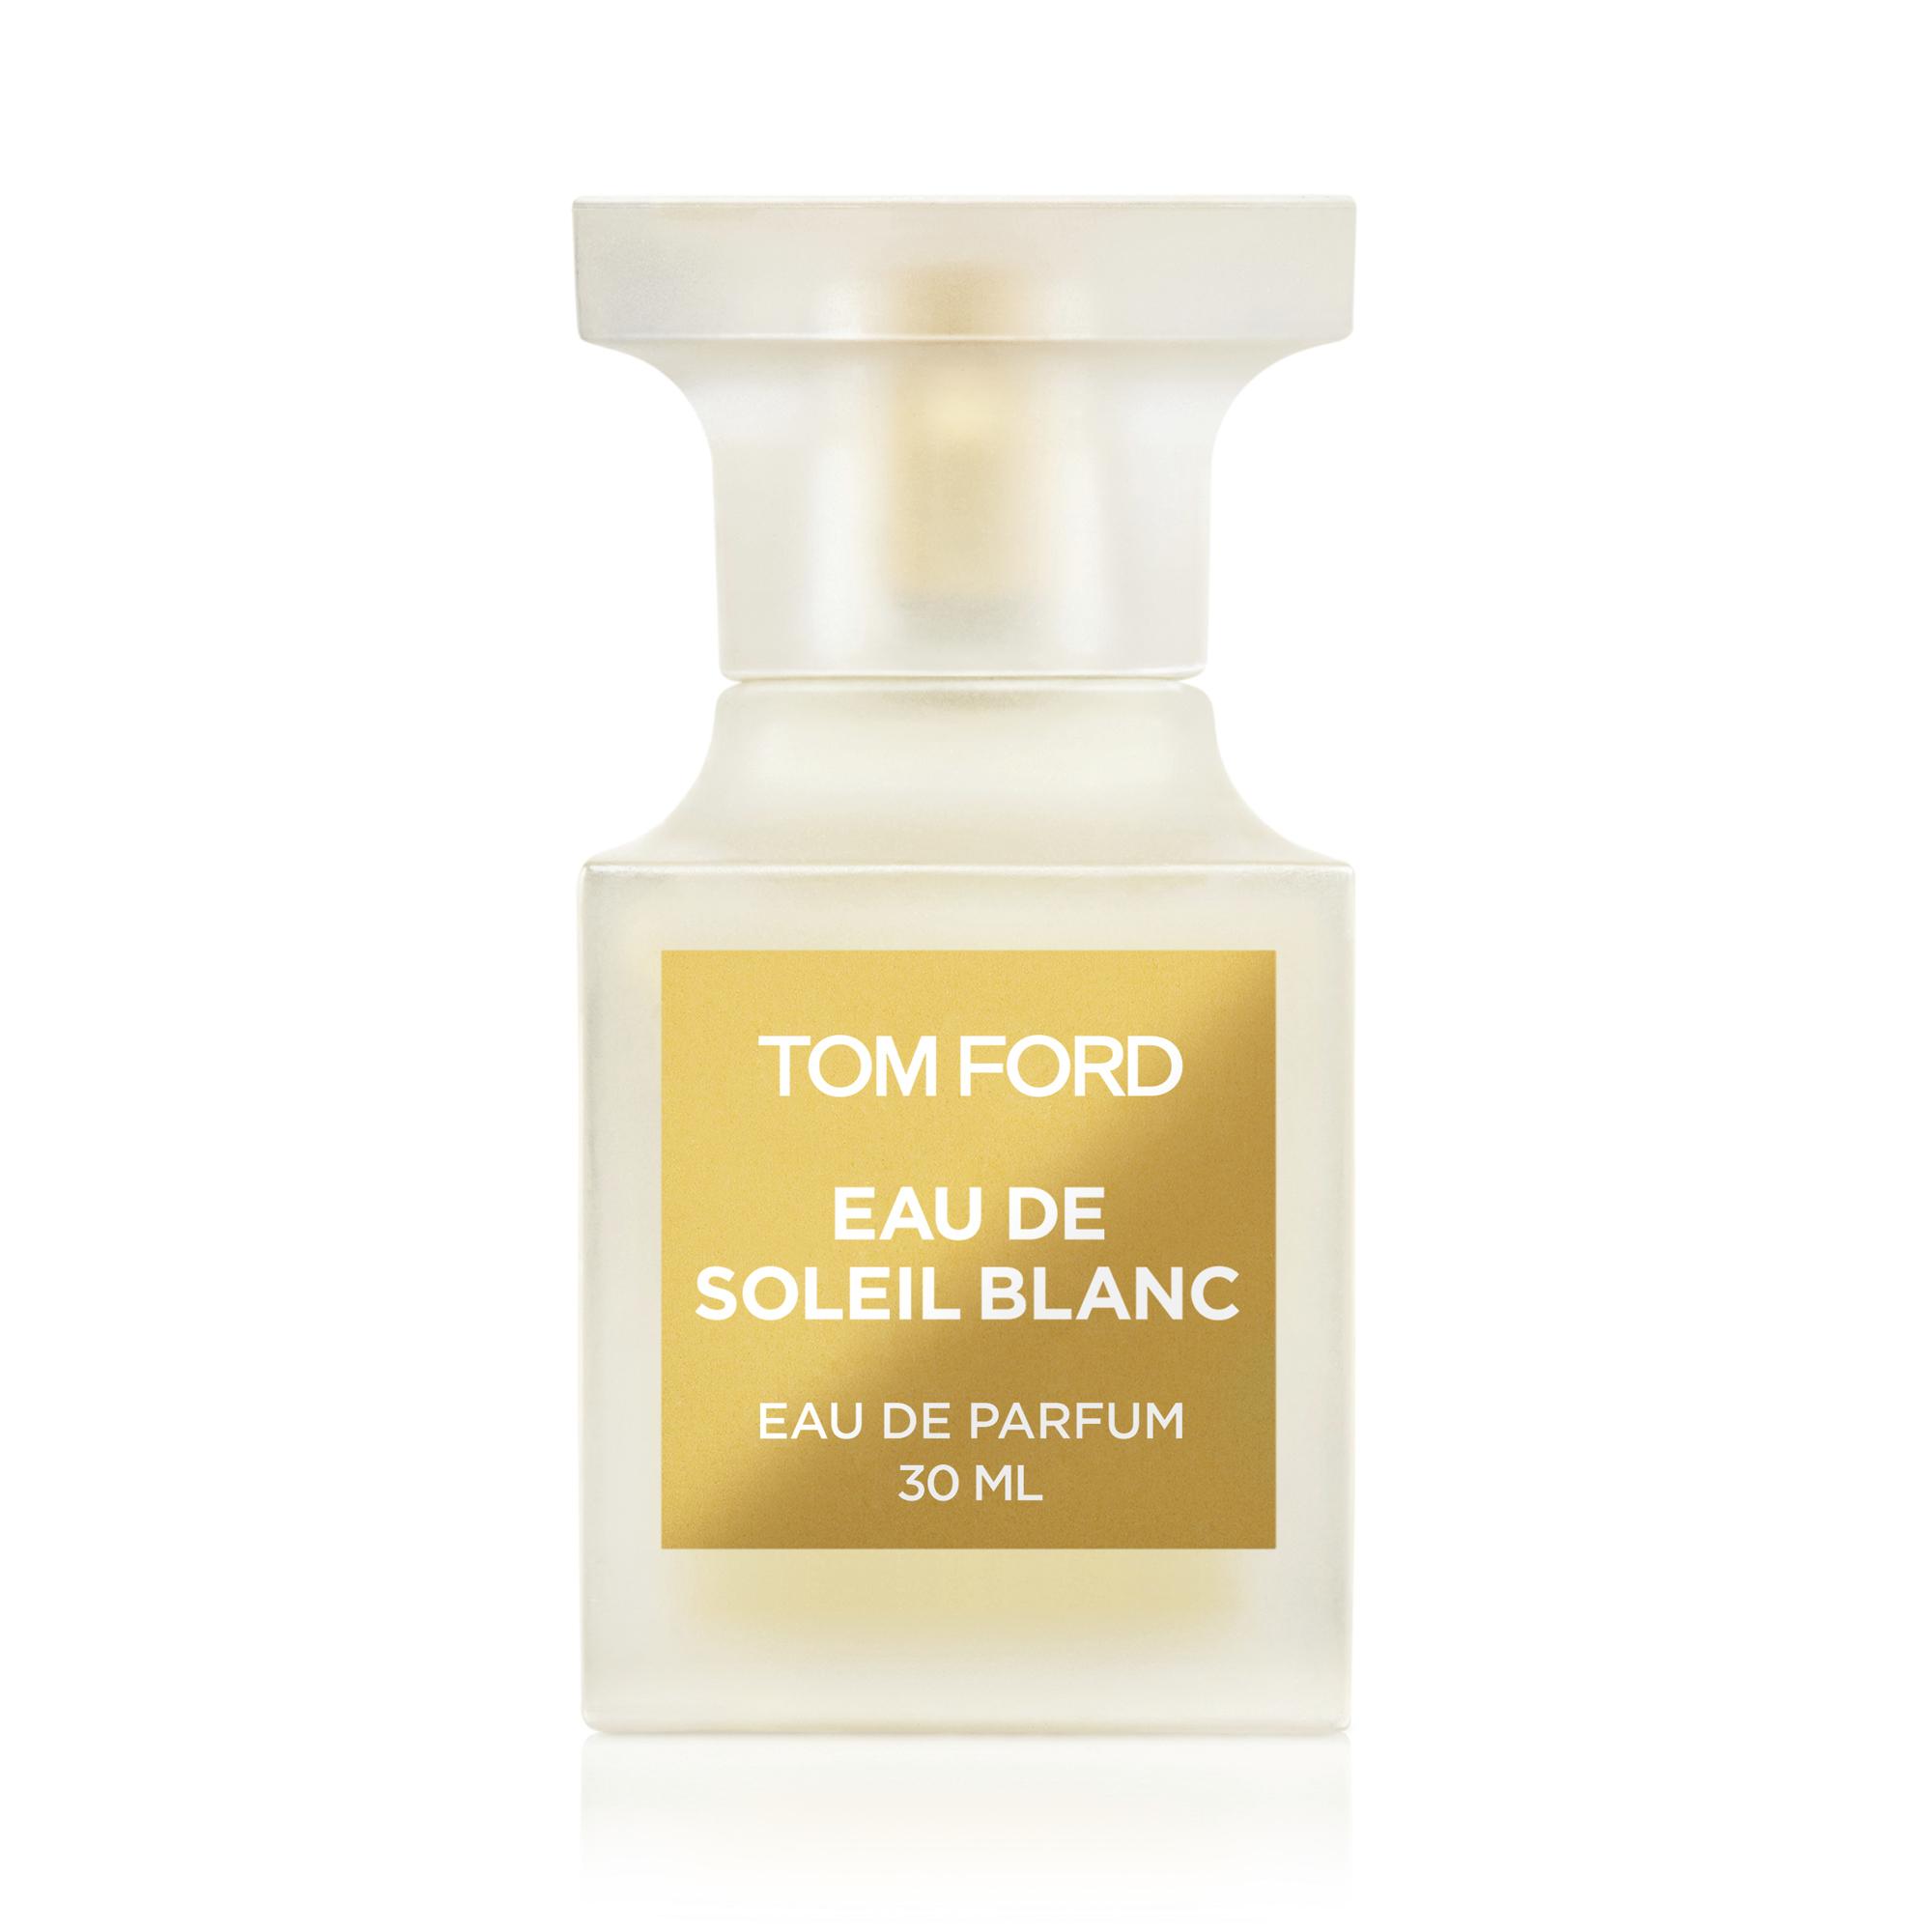 Tom Ford Eau De Soleil Blanc EDT, 30 ml